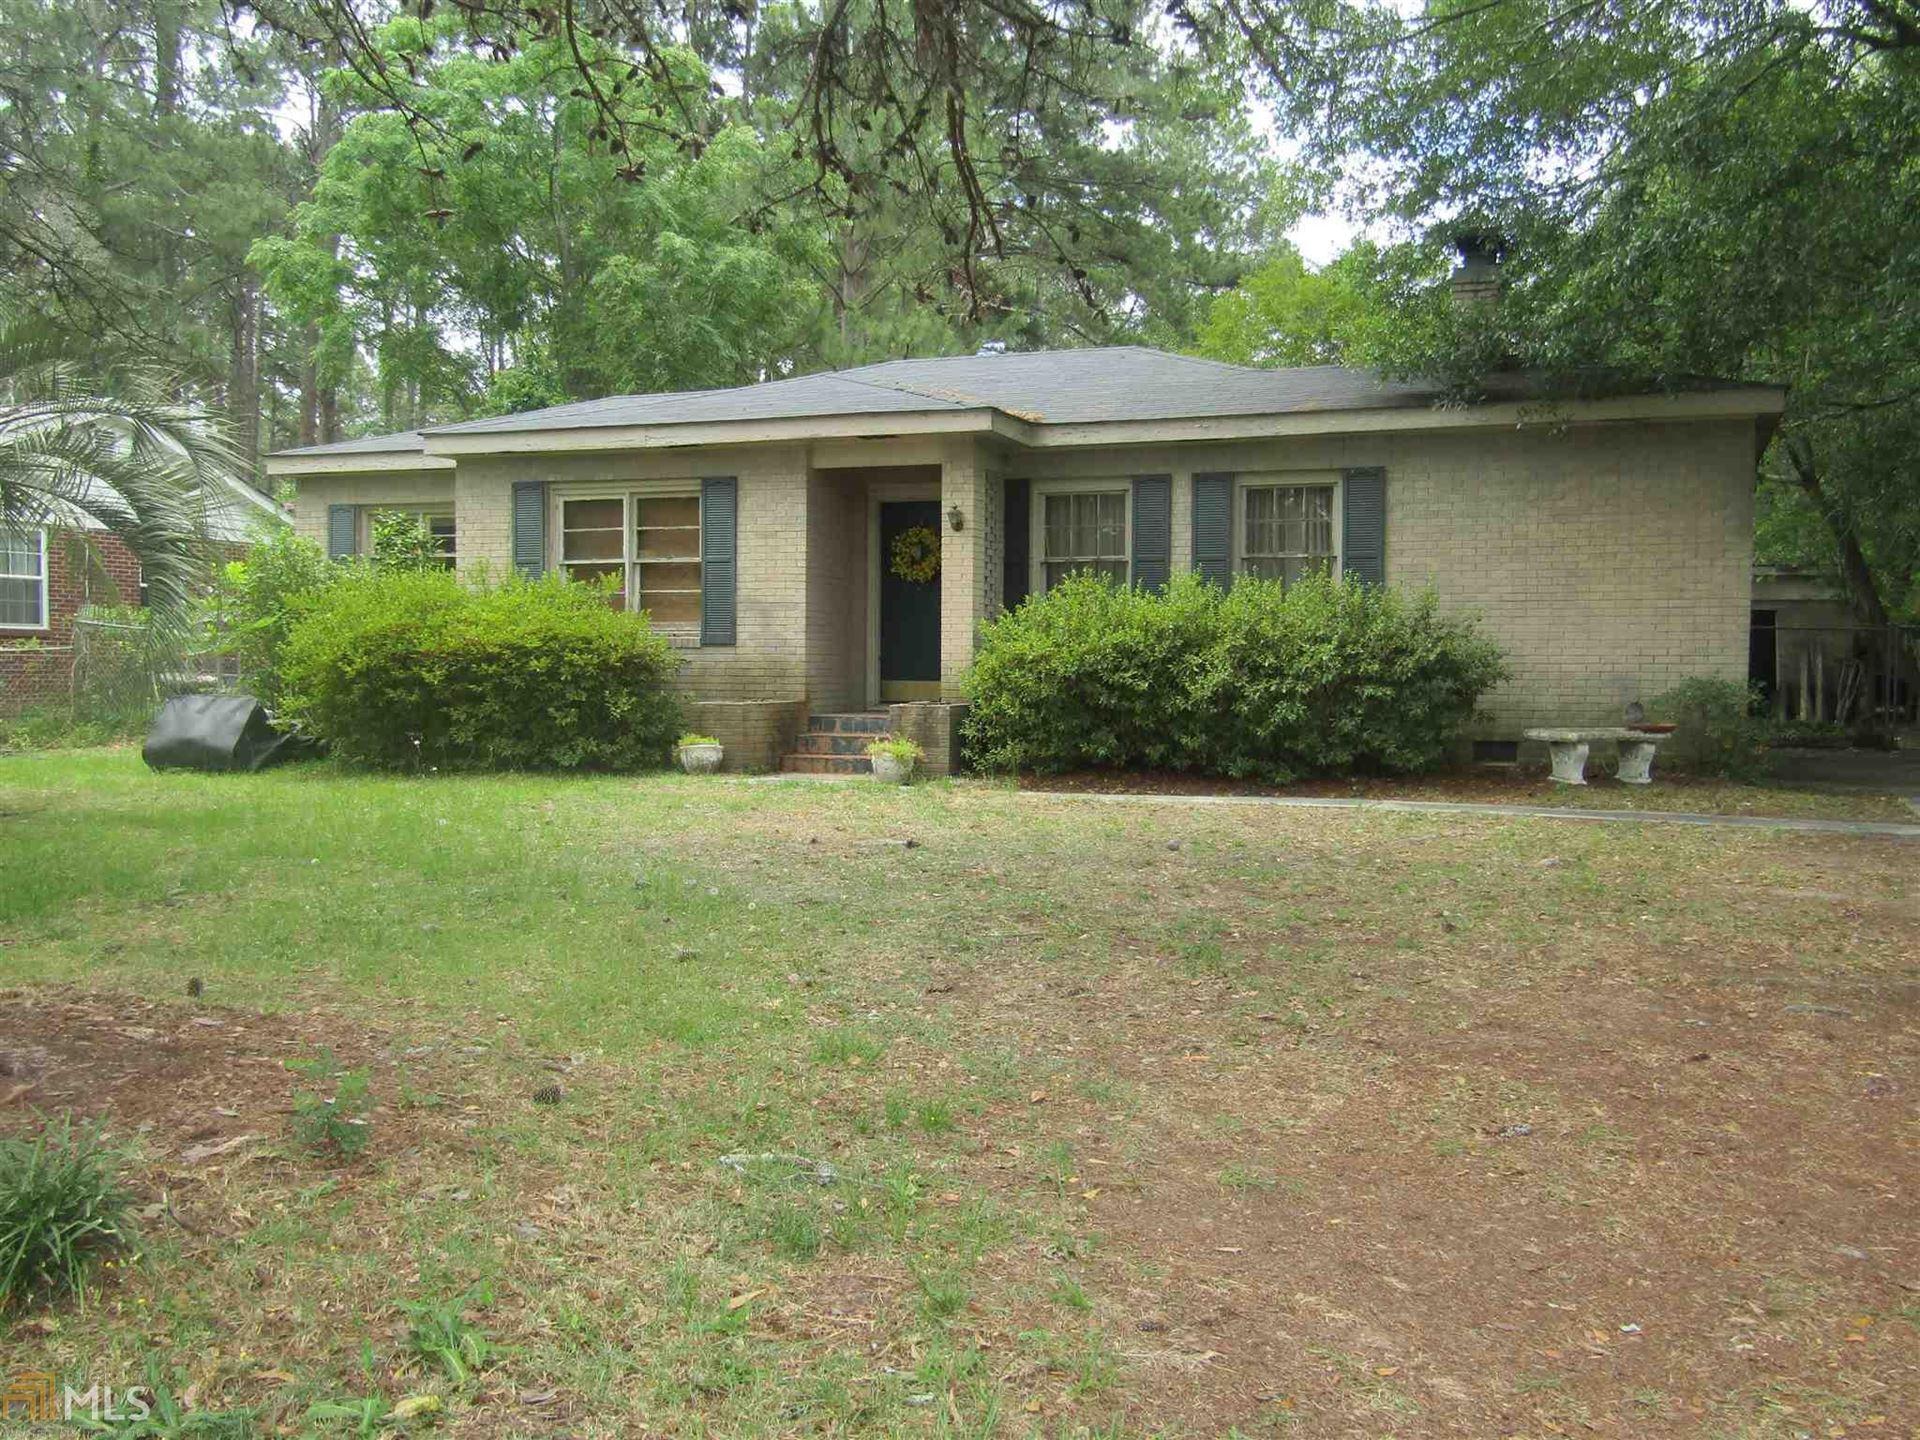 337 Jewell Dr, Statesboro, GA 30458 - #: 8989962